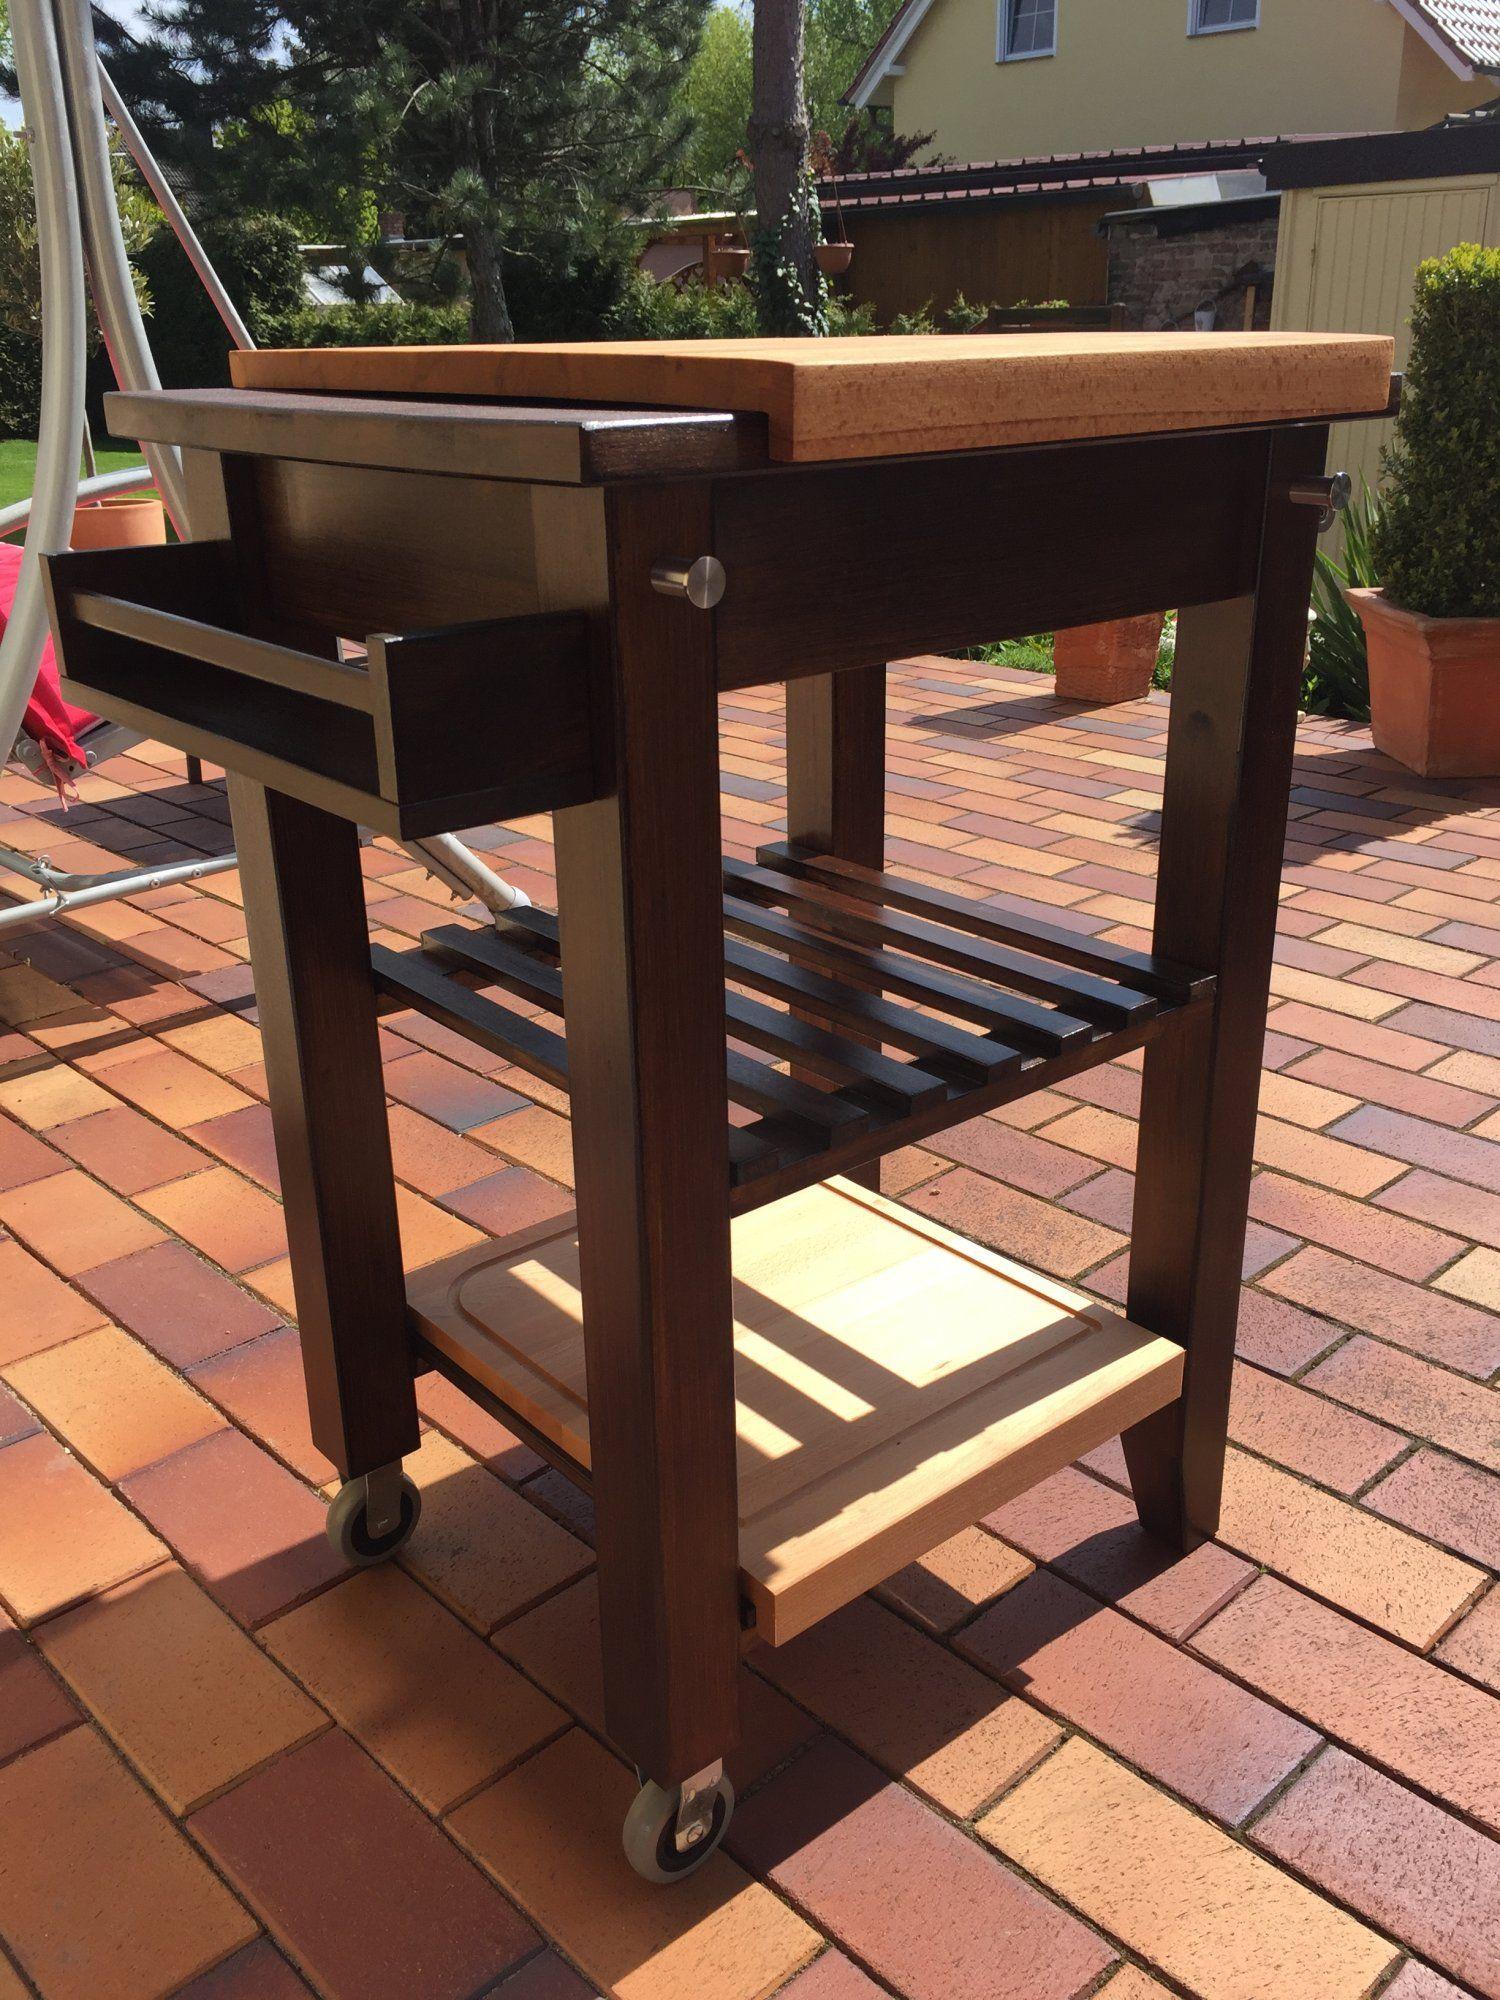 Full Size of Grill Beistelltisch Ikea Weber Tisch Pin Auf For The Home Küche Kosten Garten Betten 160x200 Sofa Mit Schlaffunktion Kaufen Bei Modulküche Grillplatte Wohnzimmer Grill Beistelltisch Ikea